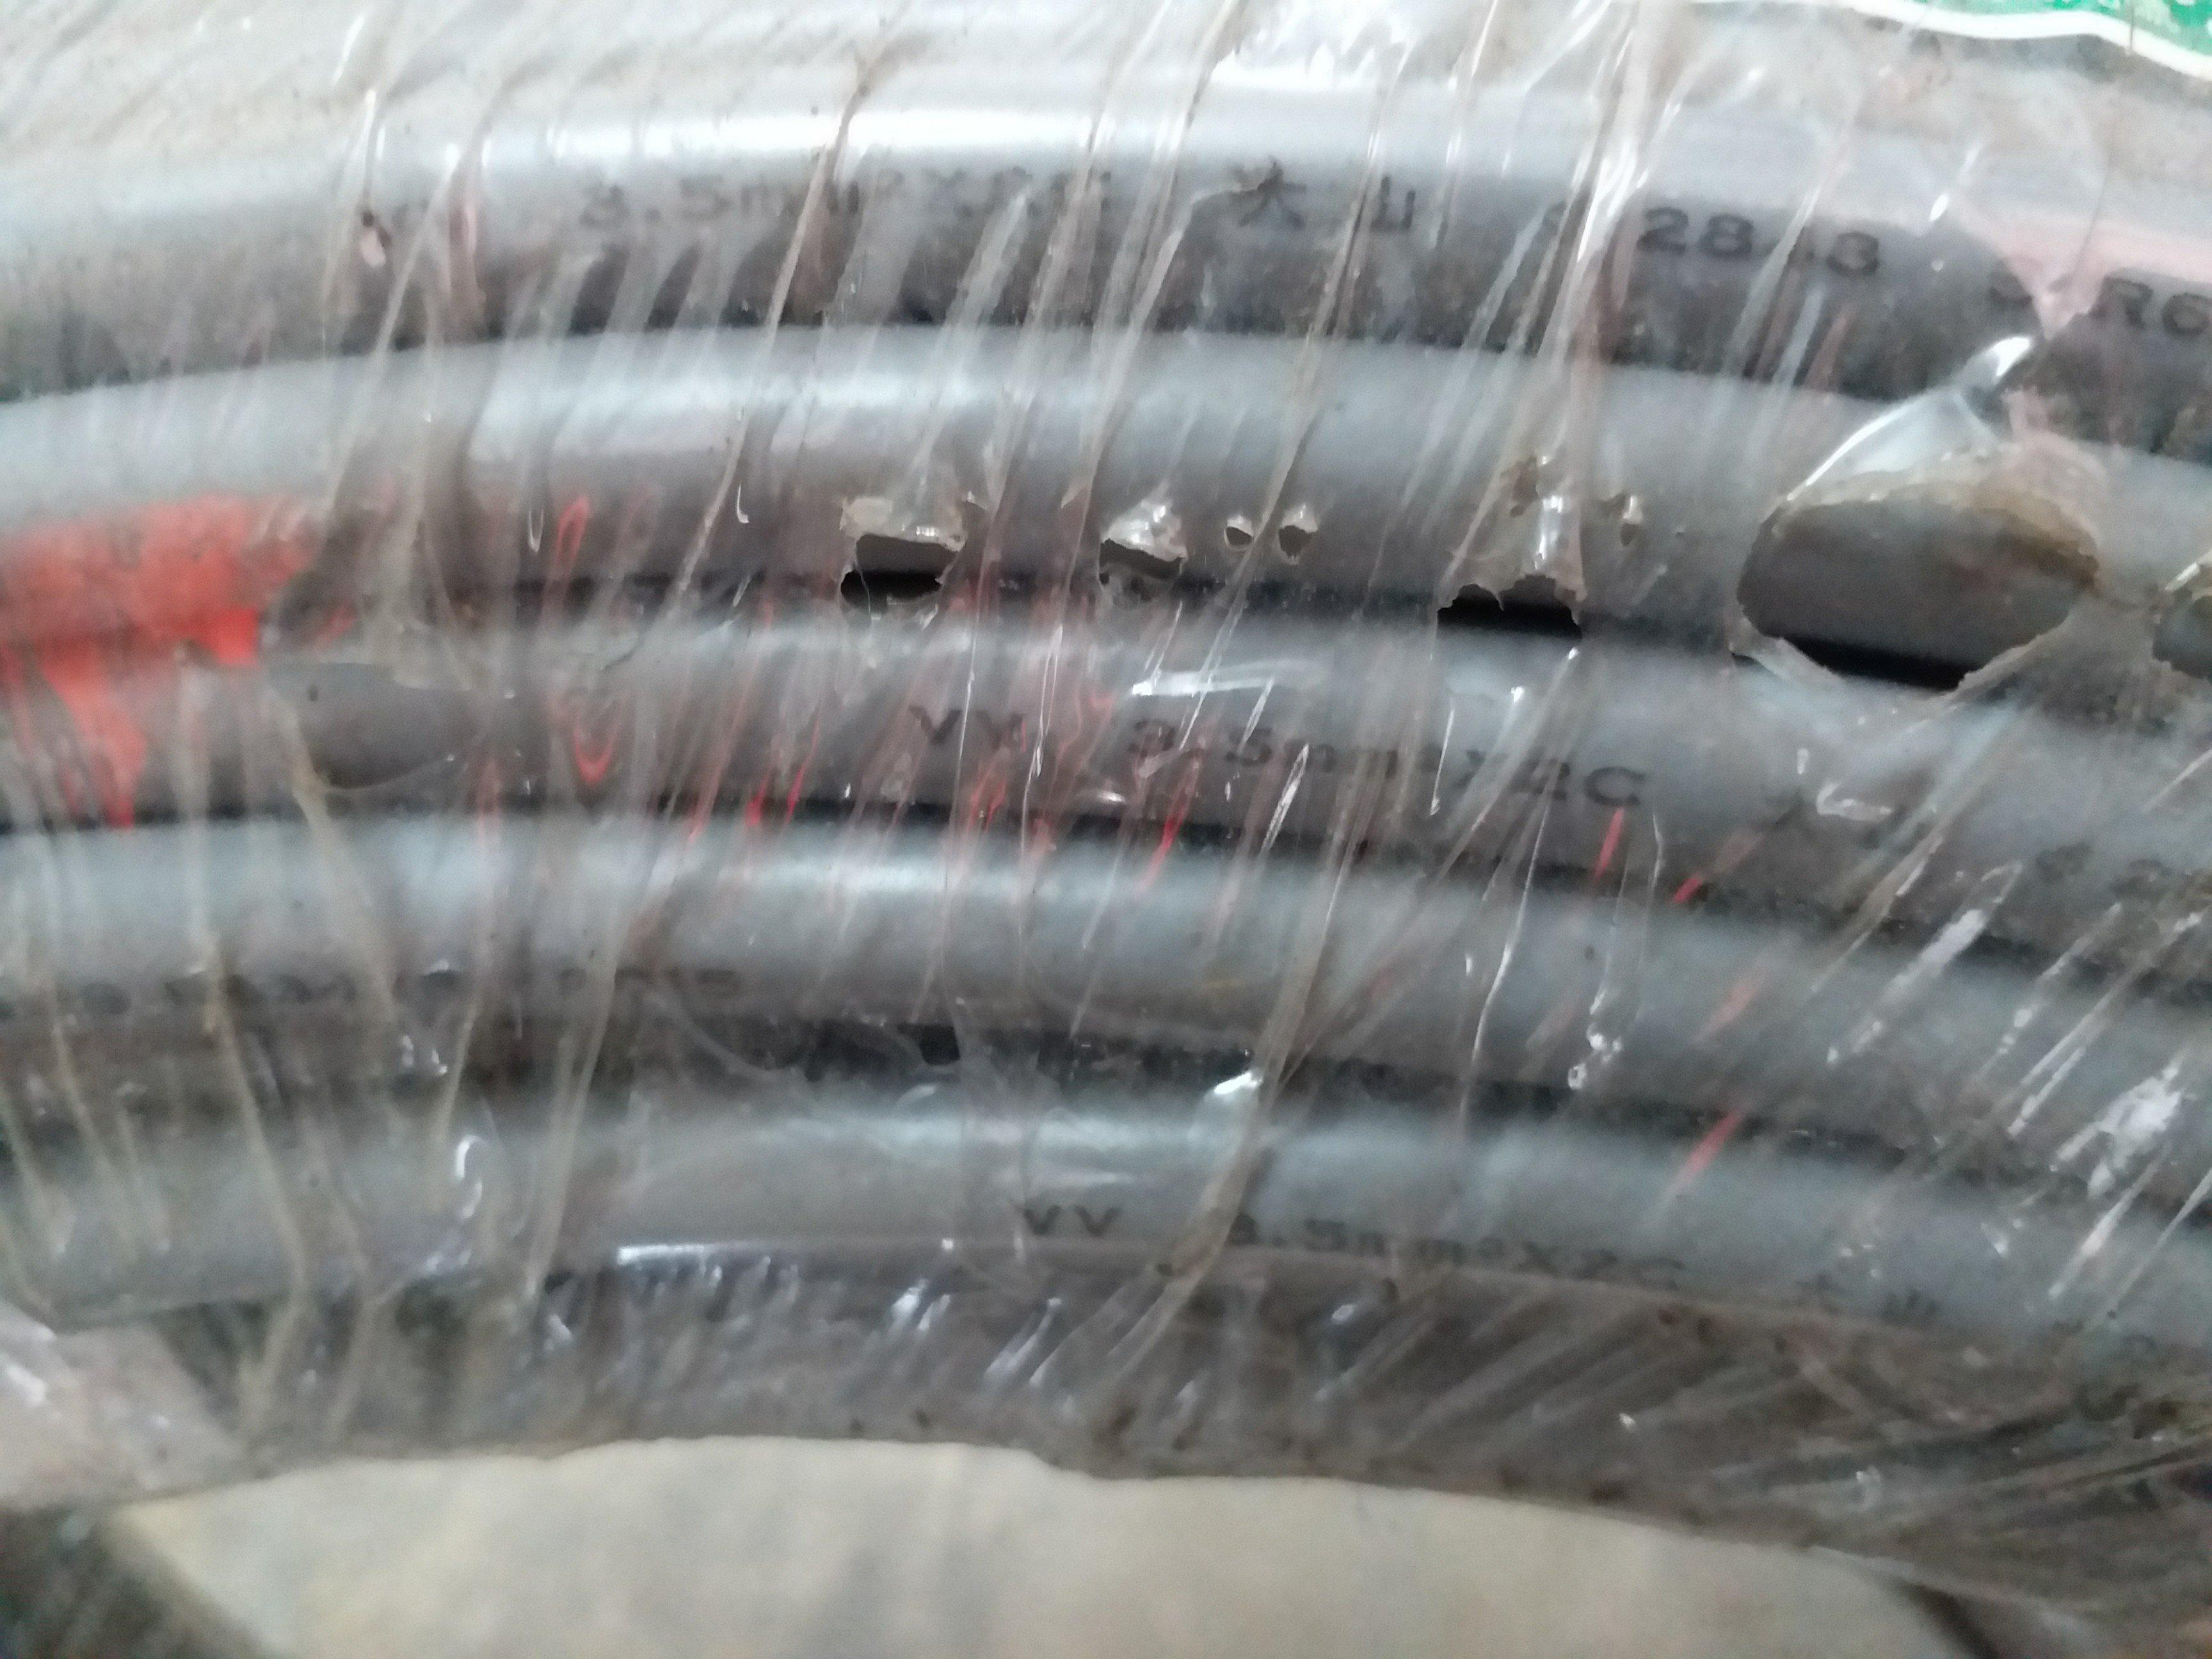 大山牌電纜線 8mm平方 x 3C 電線 台灣製造 約50米長_粗俗俗五金大賣場